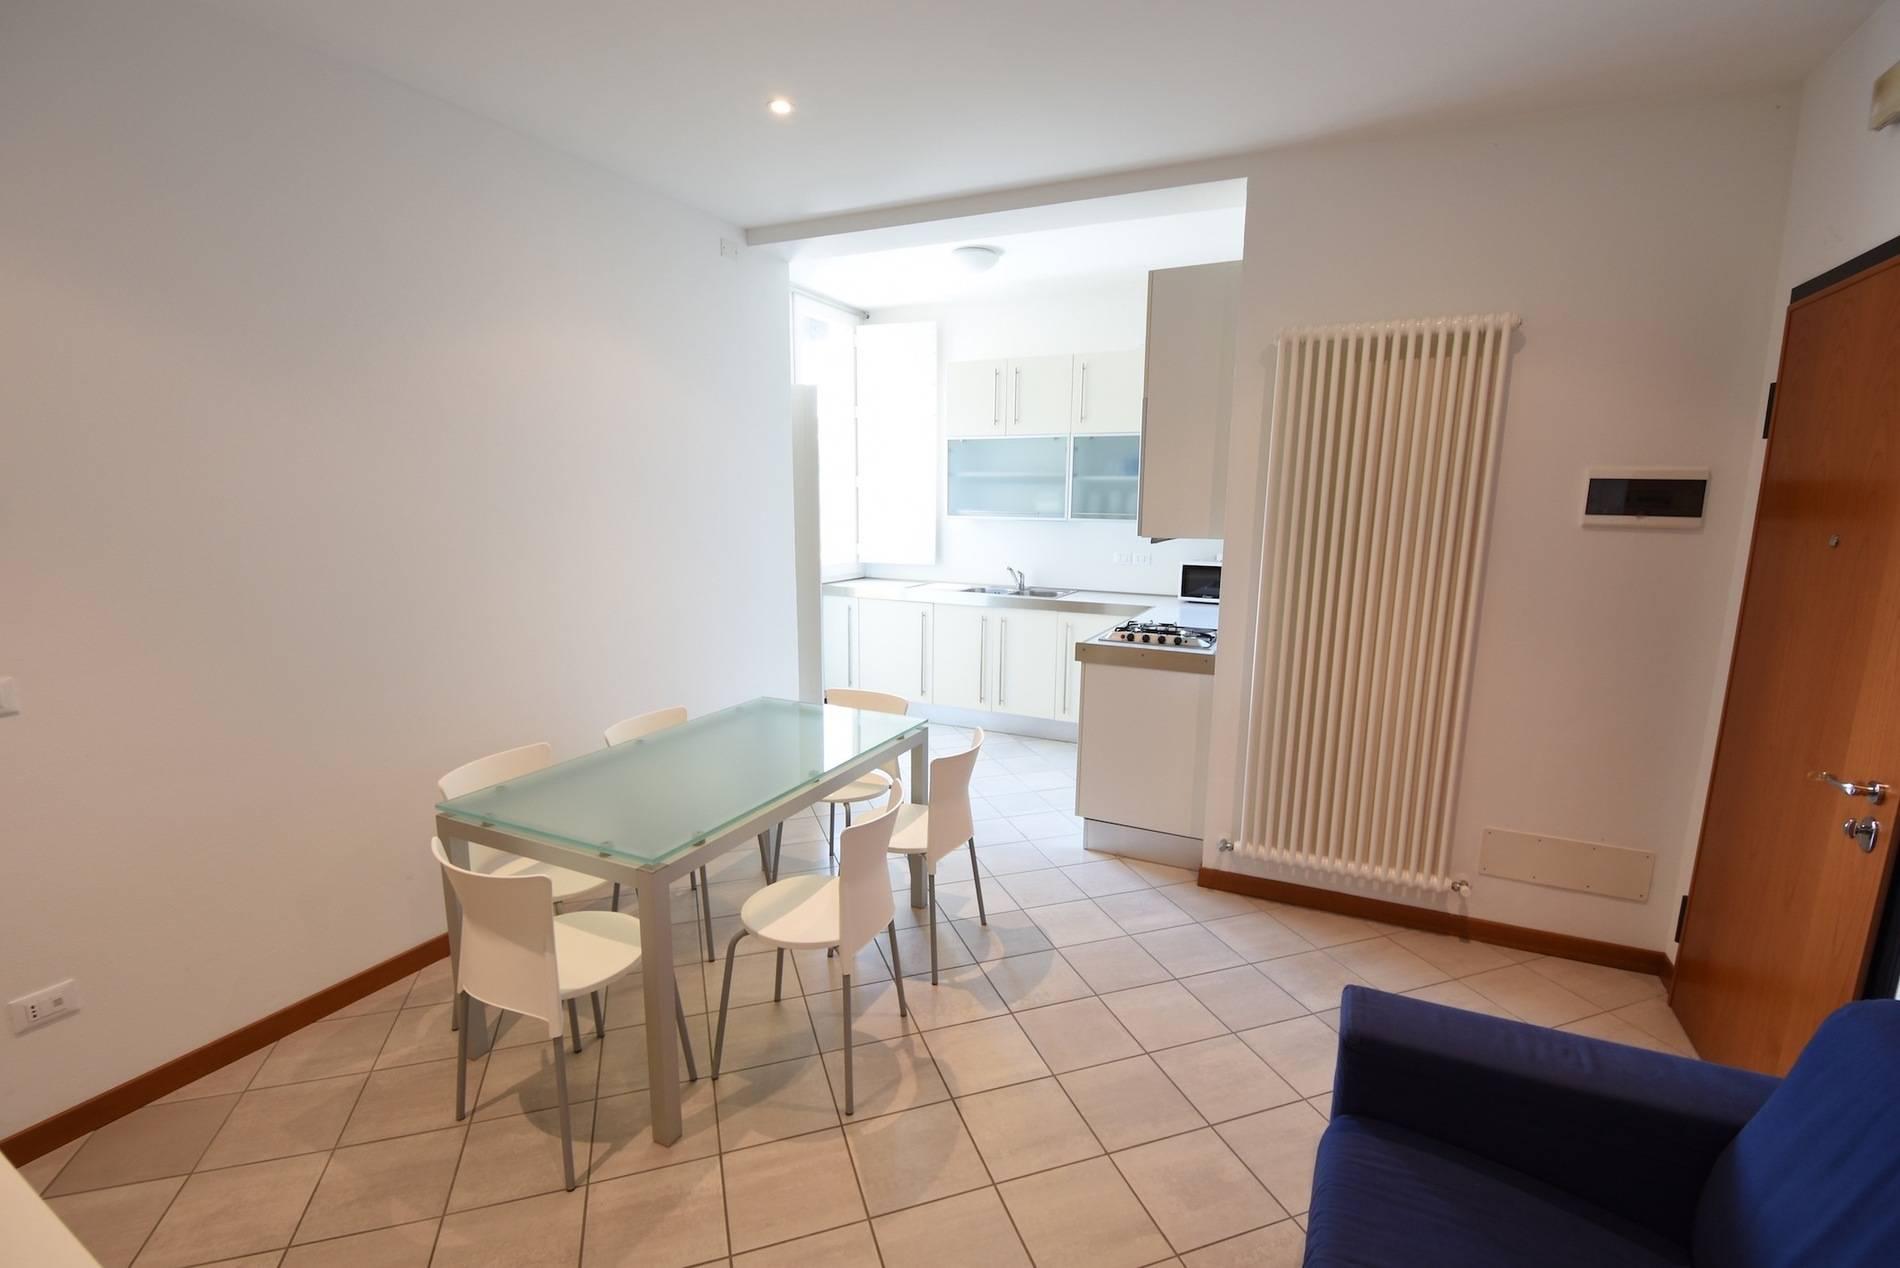 cucina-appartamento-1736334611